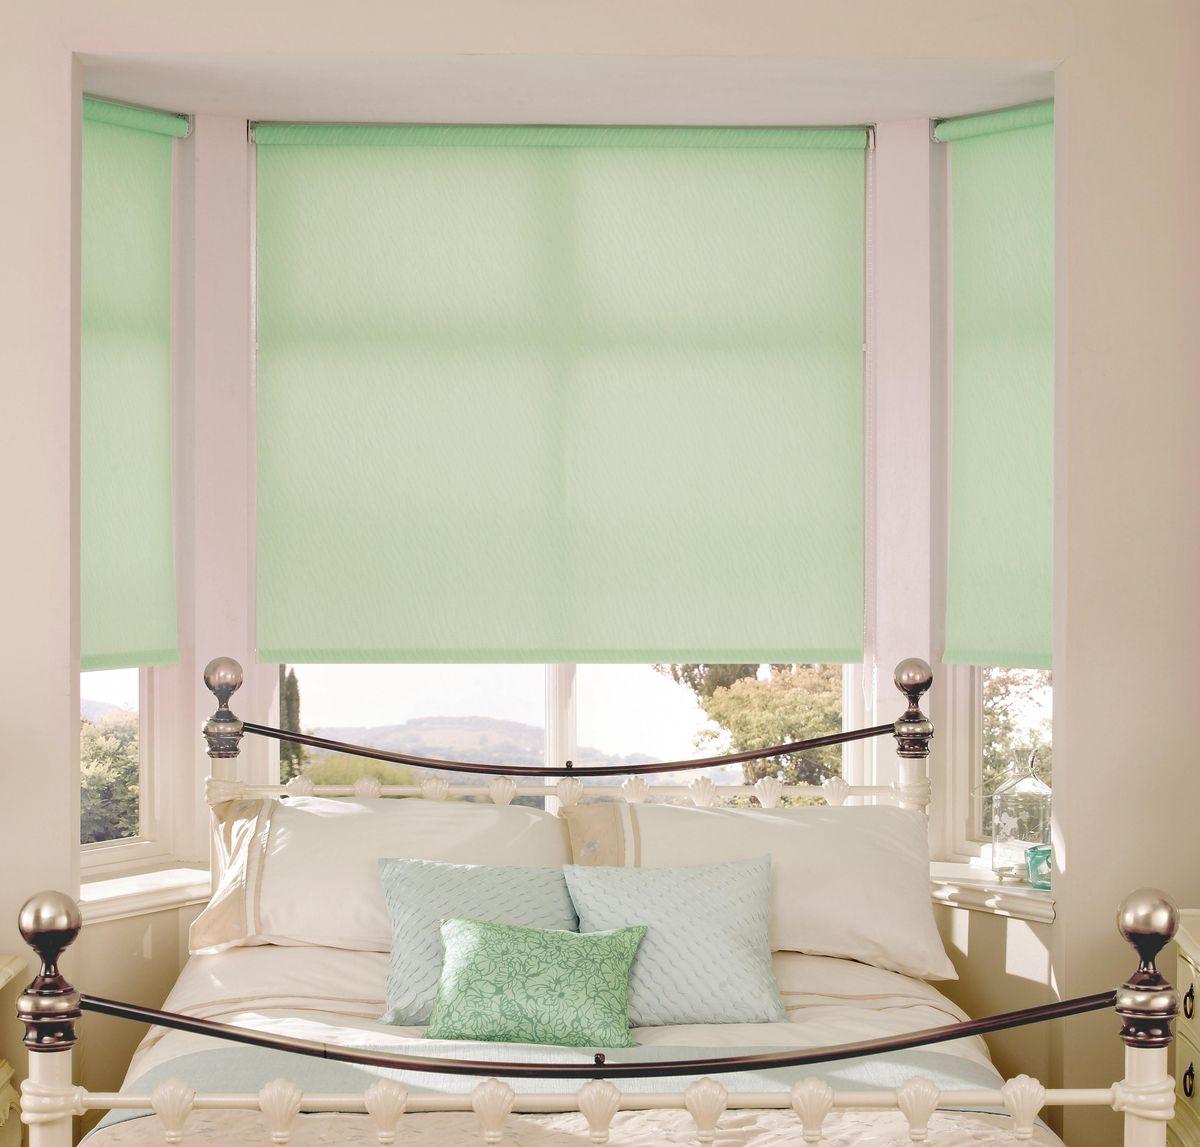 Штора рулонная Эскар, цвет: светло-зеленый, ширина 60 см, высота 170 см81017060170Рулонными шторами можно оформлять окна как самостоятельно, так и использовать в комбинации с портьерами. Это поможет предотвратить выгорание дорогой ткани на солнце и соединит функционал рулонных с красотой навесных. Преимущества применения рулонных штор для пластиковых окон: - имеют прекрасный внешний вид: многообразие и фактурность материала изделия отлично смотрятся в любом интерьере; - многофункциональны: есть возможность подобрать шторы способные эффективно защитить комнату от солнца, при этом о на не будет слишком темной. - Есть возможность осуществить быстрый монтаж. ВНИМАНИЕ! Размеры ширины изделия указаны по ширине ткани! Во время эксплуатации не рекомендуется полностью разматывать рулон, чтобы не оторвать ткань от намоточного вала. В случае загрязнения поверхности ткани, чистку шторы проводят одним из способов, в зависимости от типа загрязнения: легкое поверхностное загрязнение можно удалить при помощи...